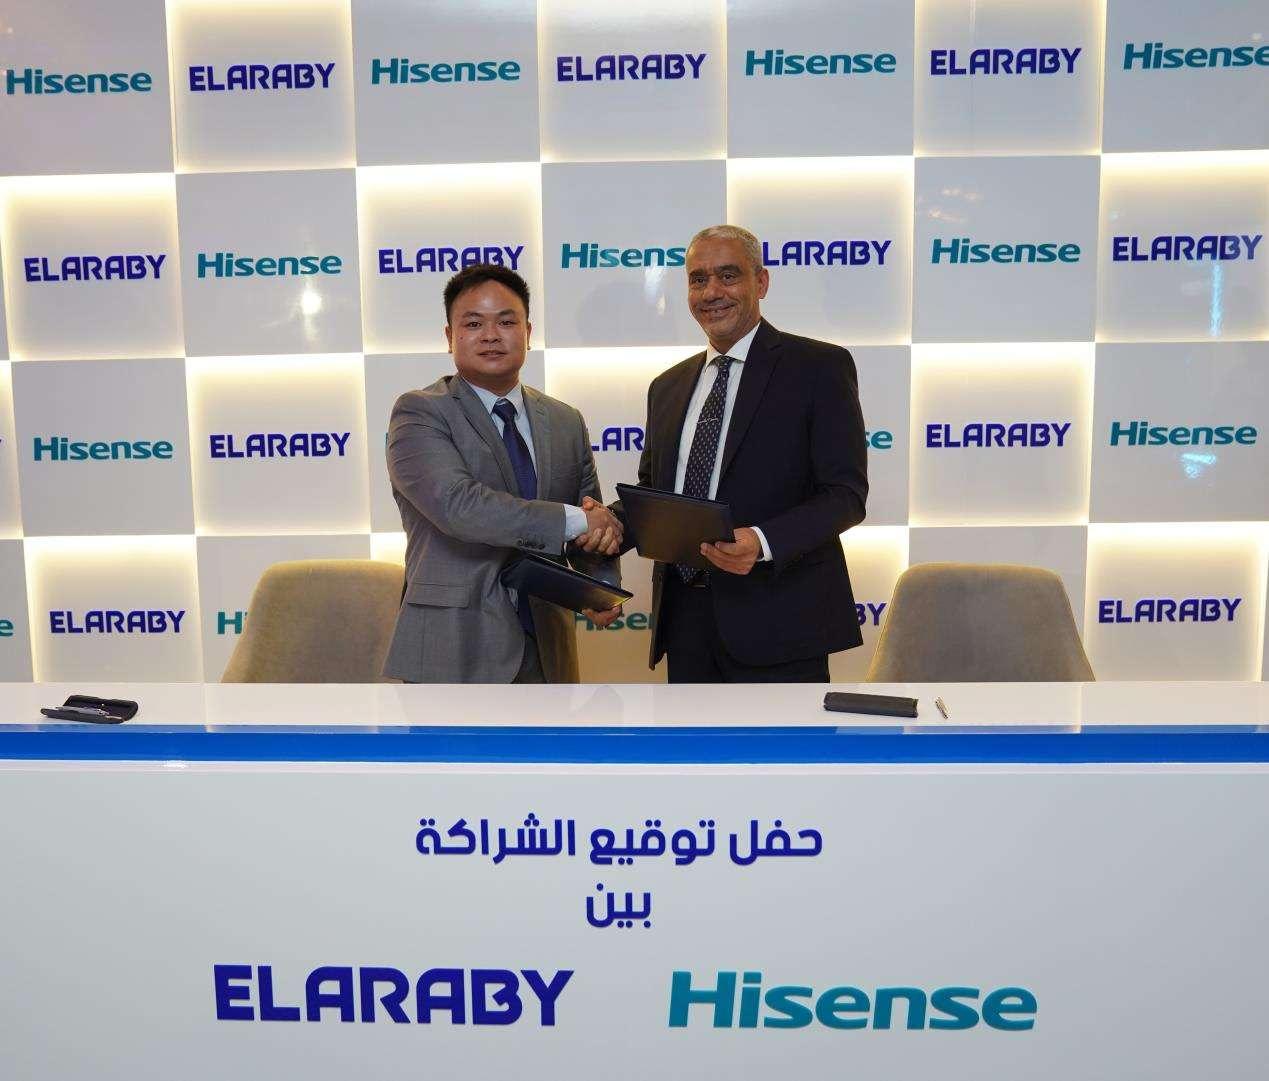 هايسنس توقع اتفاقية مع العربي لطرح منتجاتها بالسوق المصري